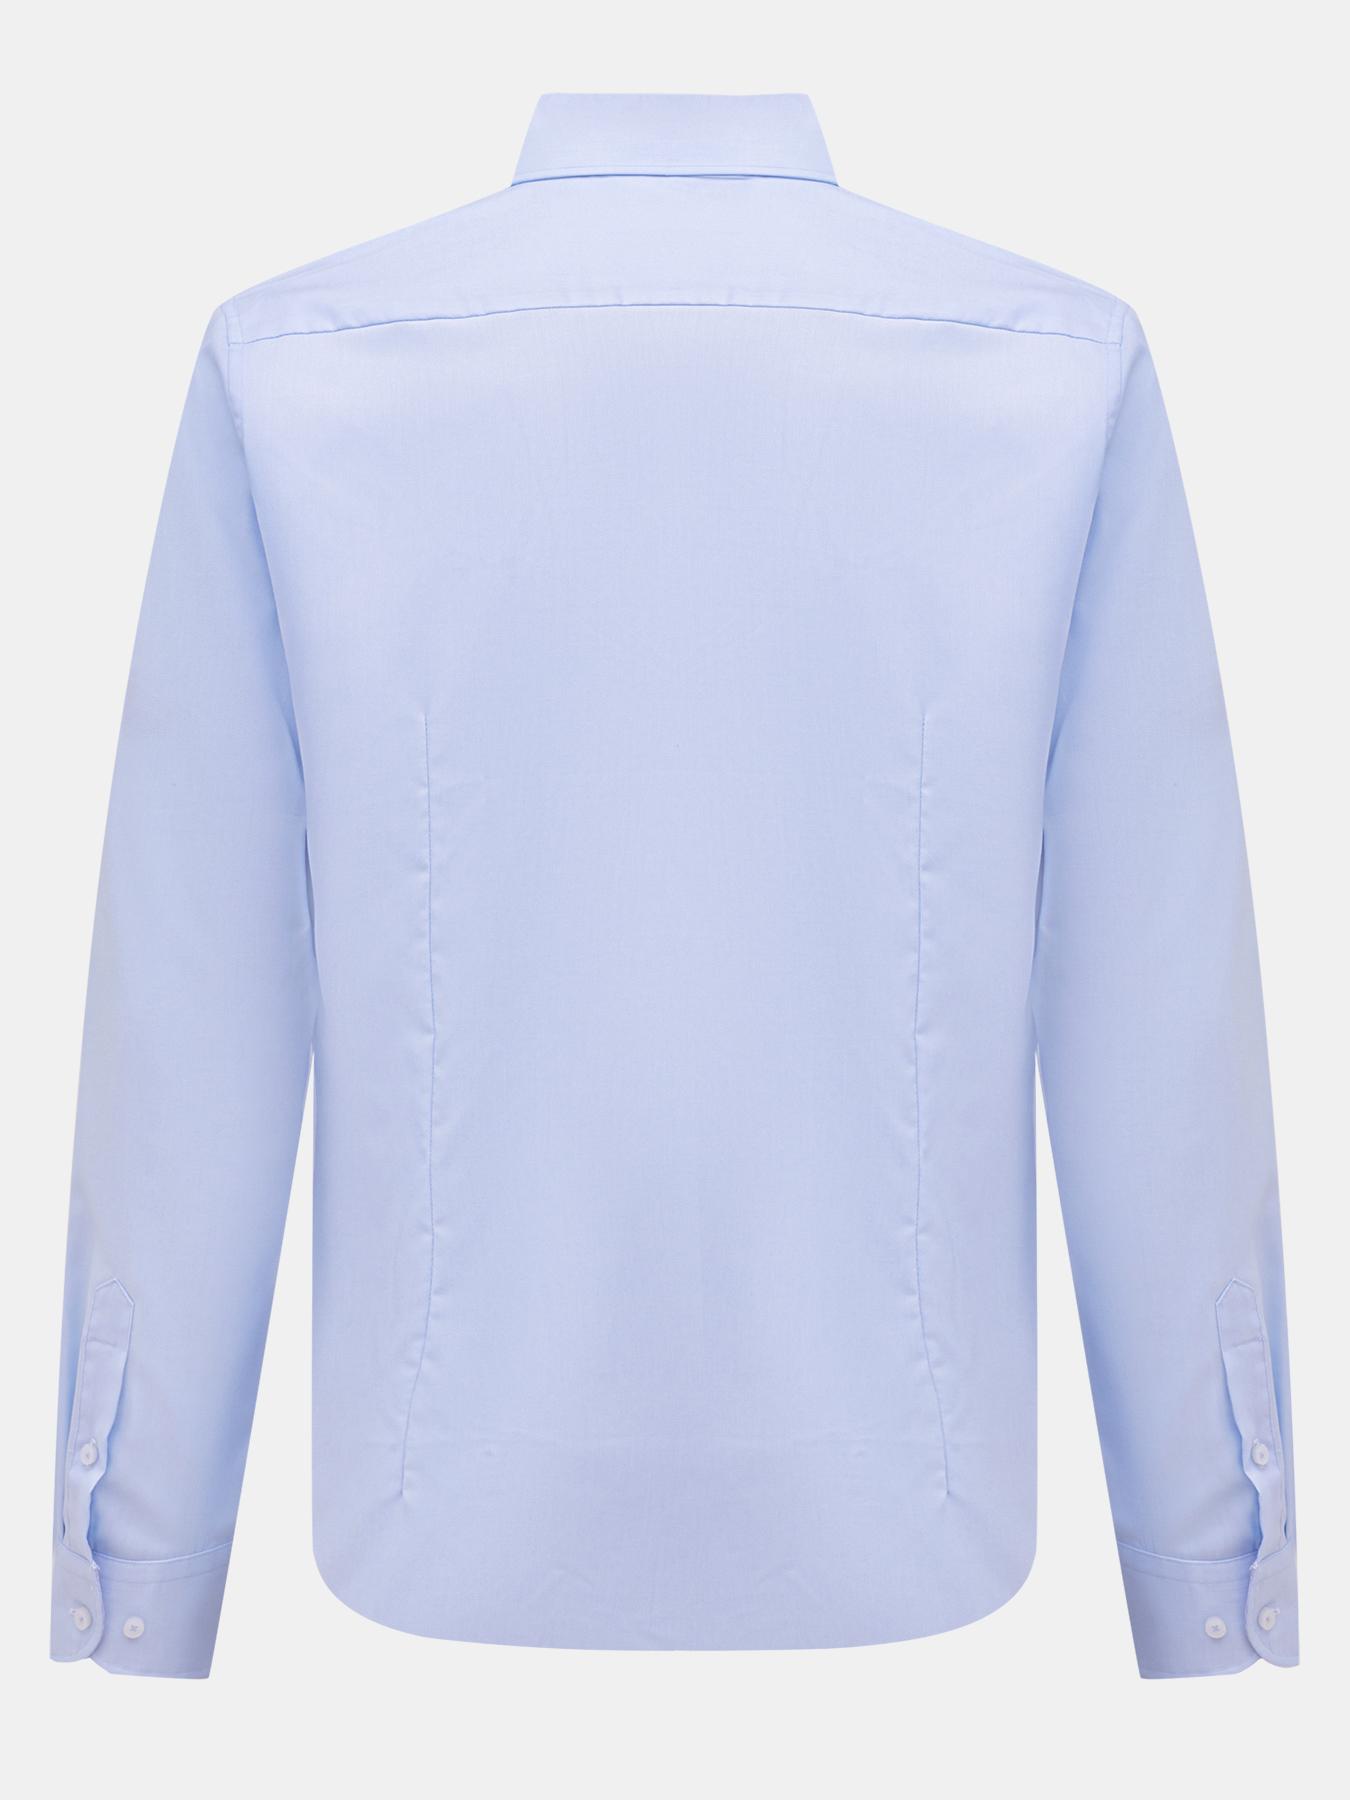 Рубашка Ritter Рубашка рубашка bawer bawer mp002xm04z2k